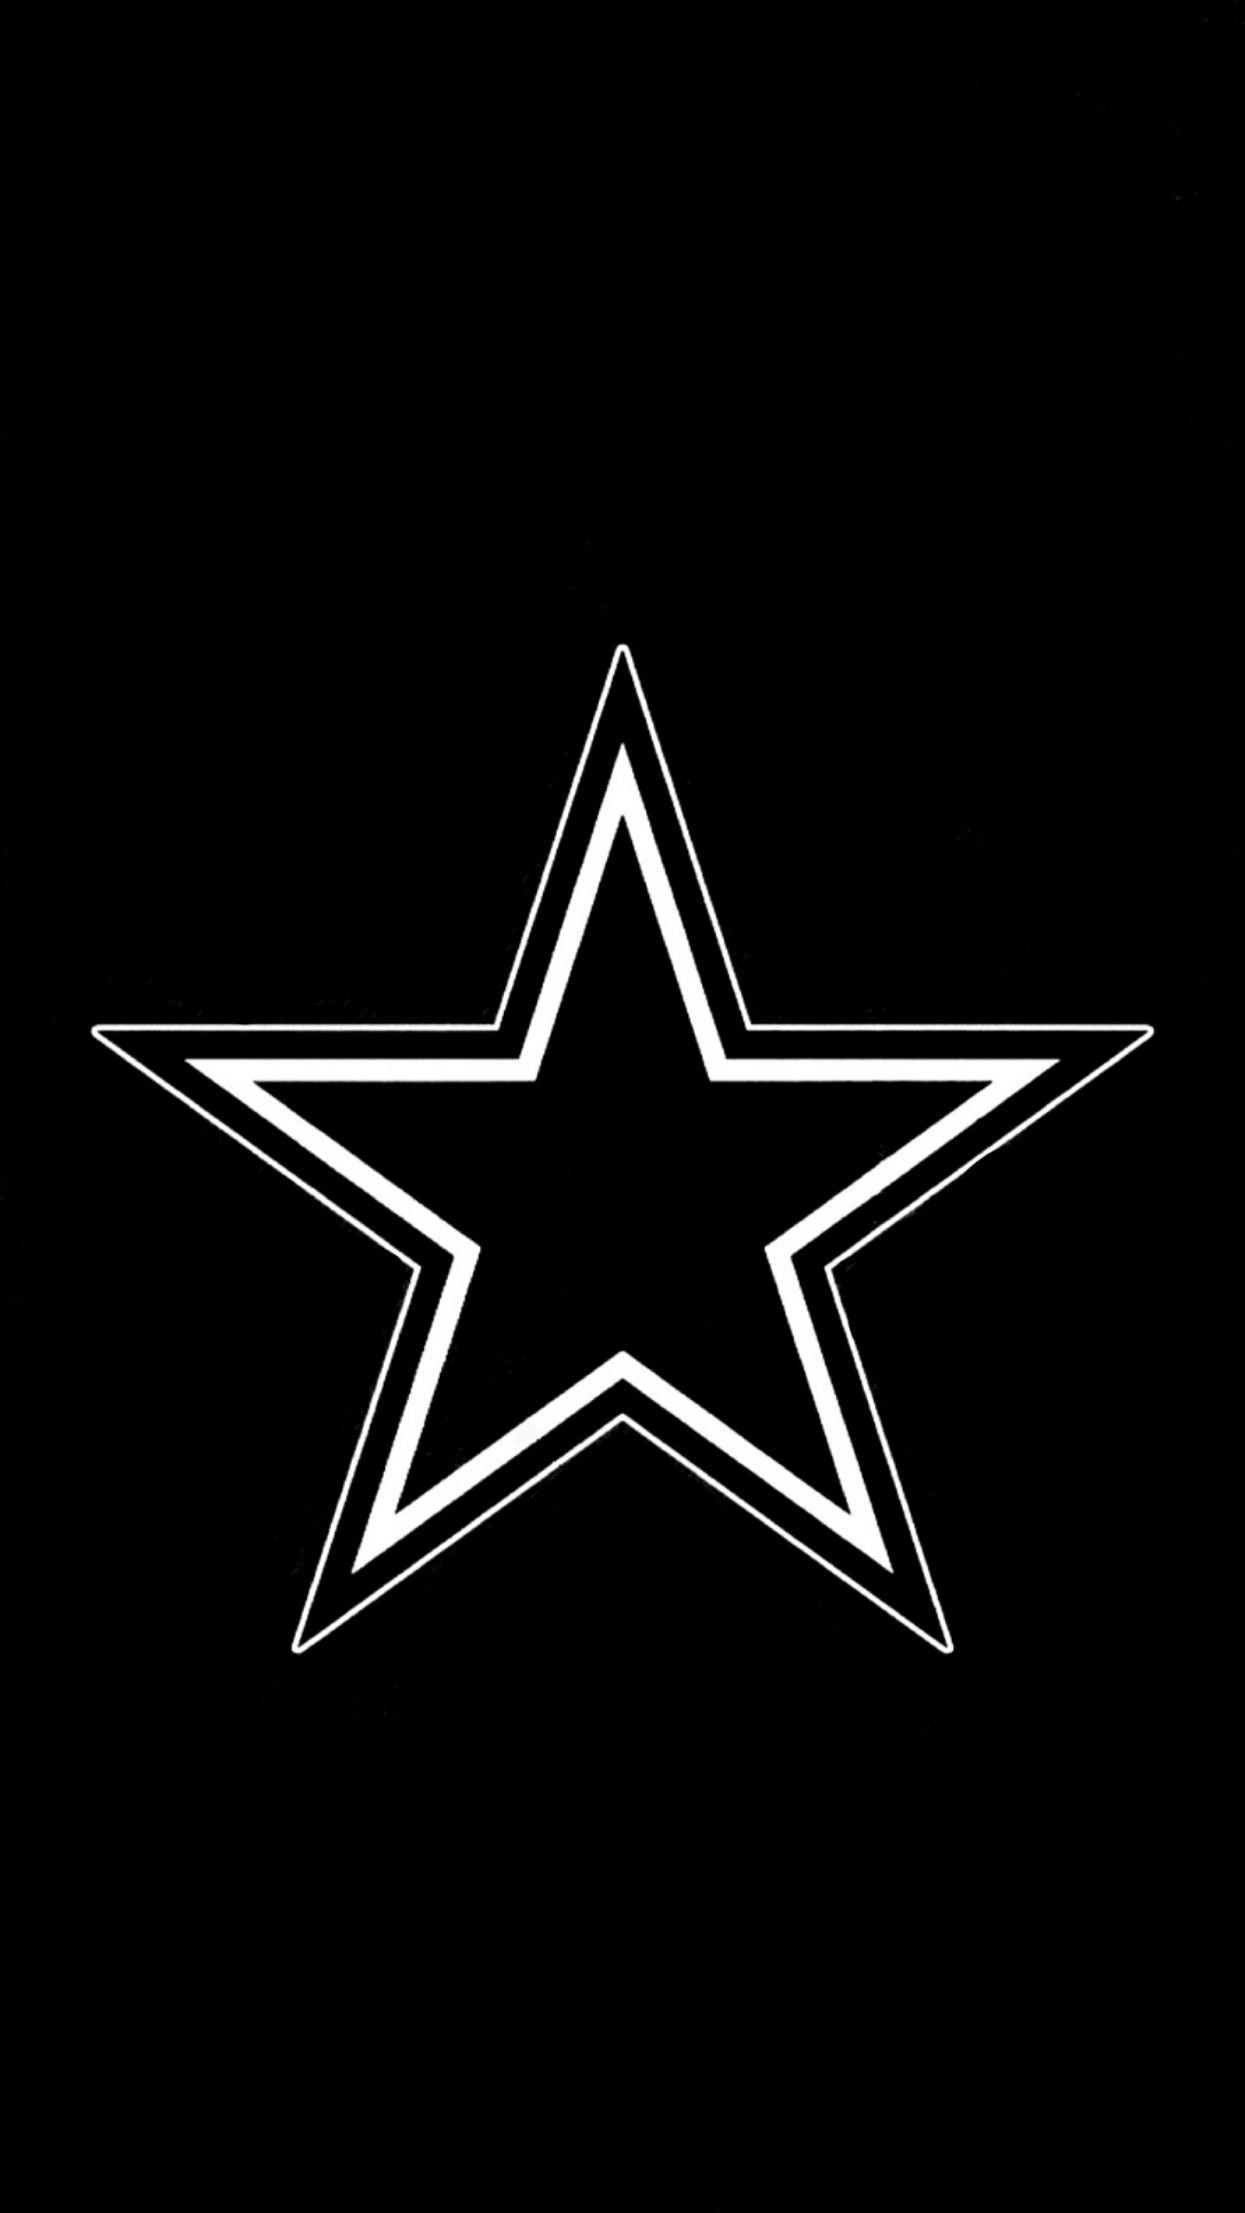 Pin By Chris Morgan On Dallas Cowboys Dallas Cowboys Logo Dallas Cowboys Dallas Cowboys Wallpaper